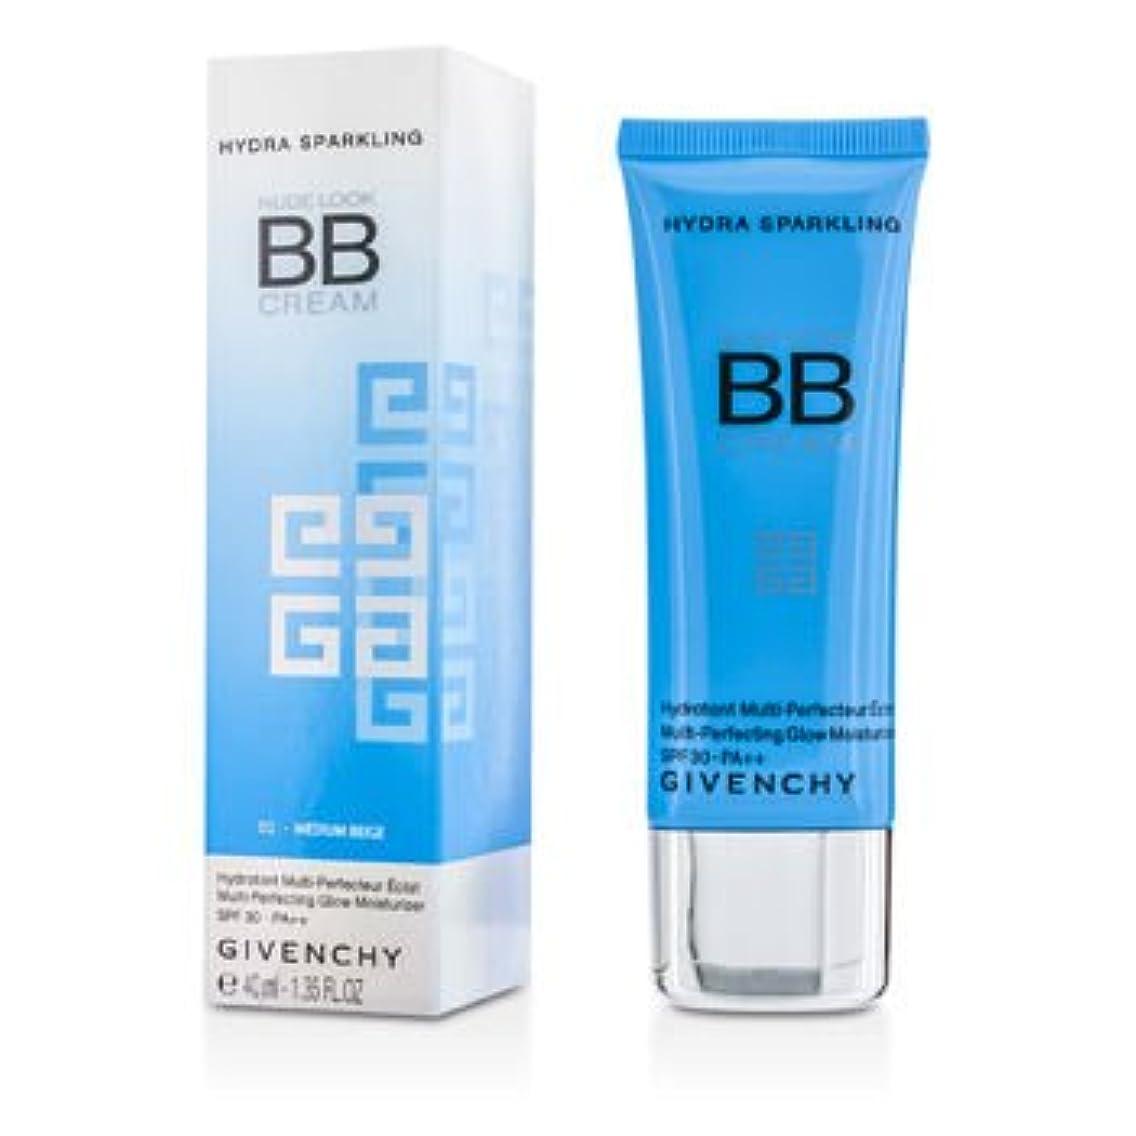 ブラウザ時間とともにギネス[Givenchy] Nude Look BB Cream Multi-Perfecting Glow Moisturizer SPF 30 PA++ #02 Medium Beige 40ml/1.35oz